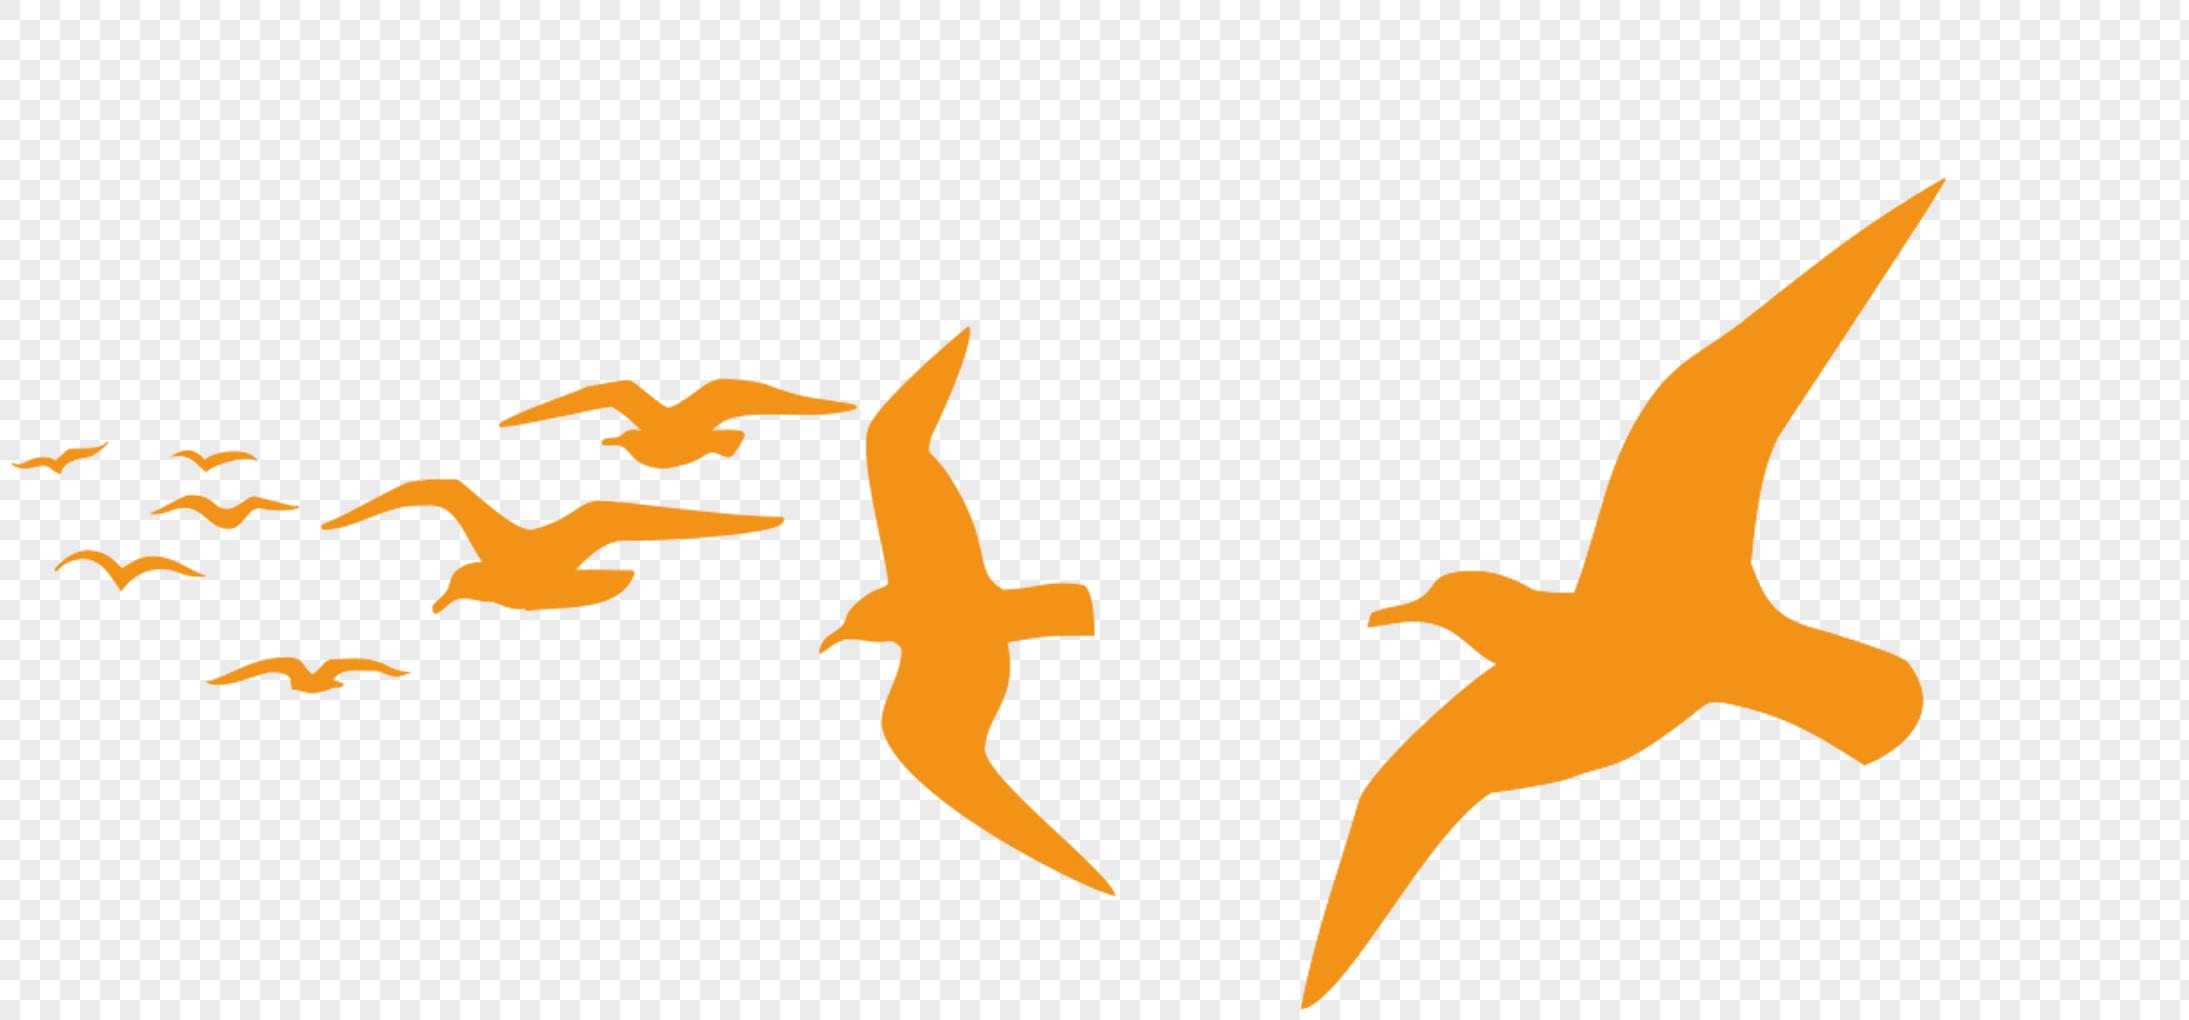 Yellow Flying Bird Logo - LogoDix